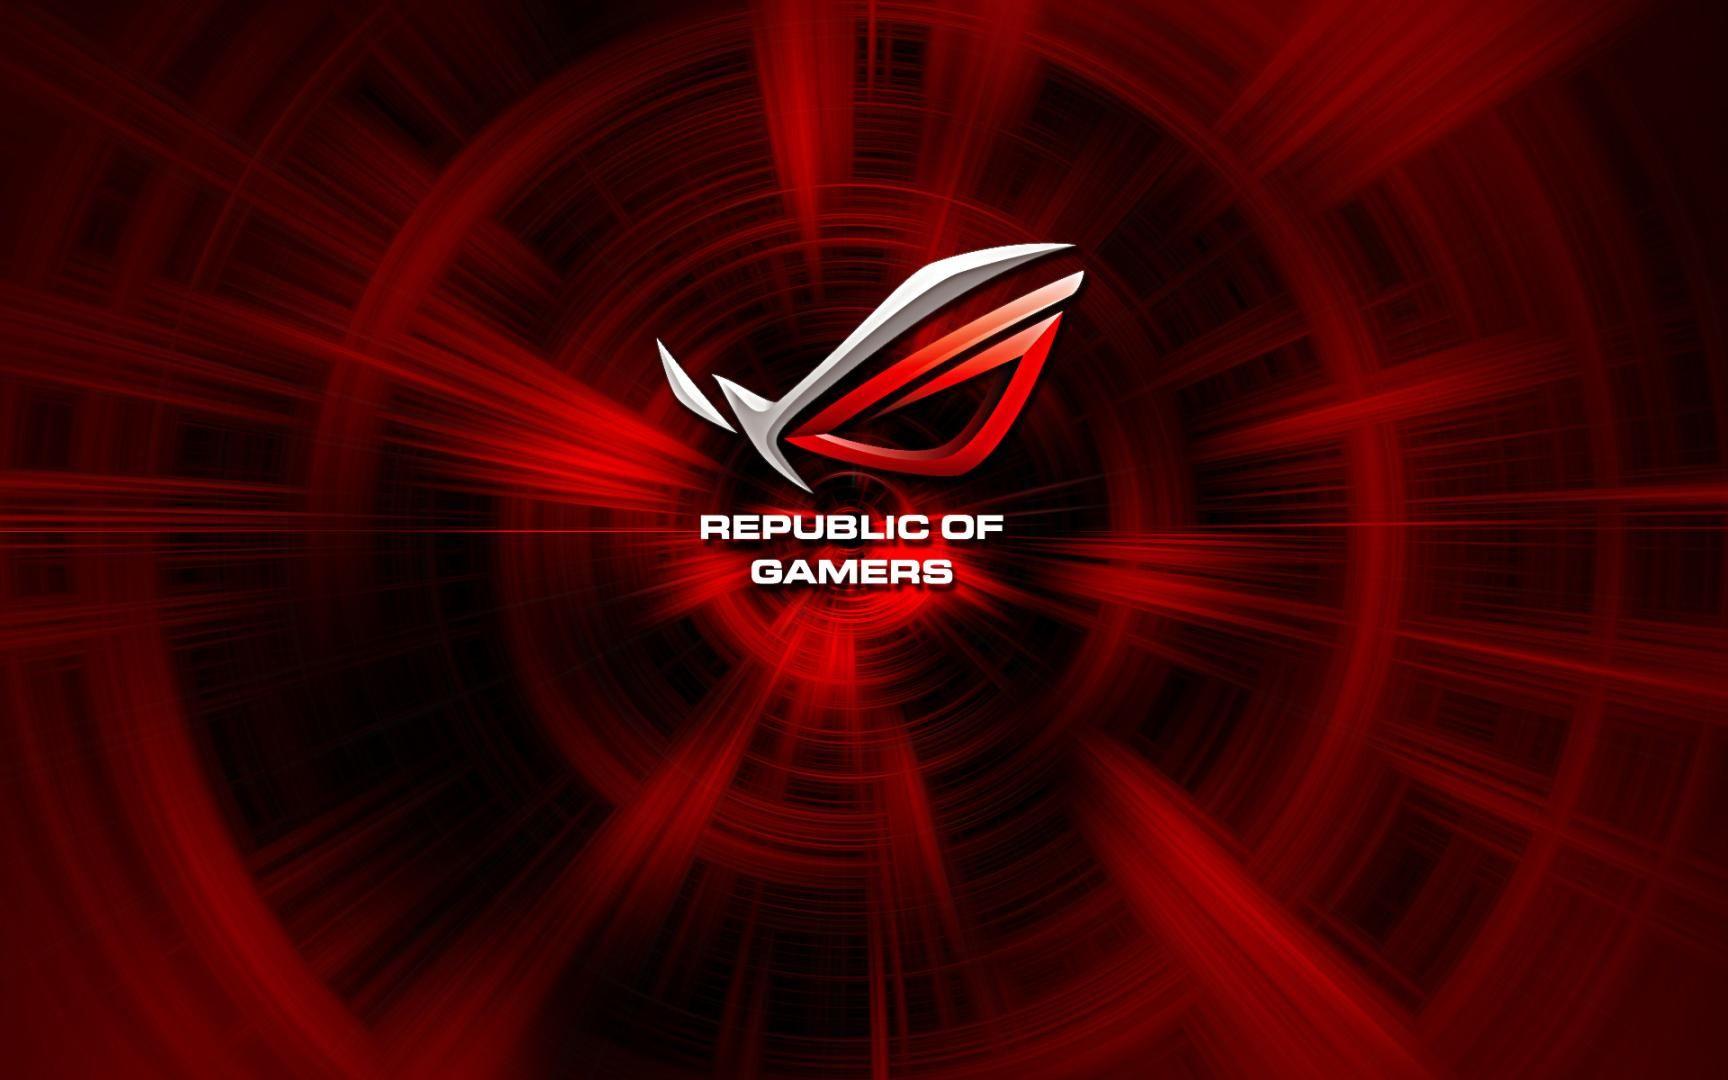 Republic Of Gamers Wallpapers Imagenes En Taringa Gamer Neon Signs Republic